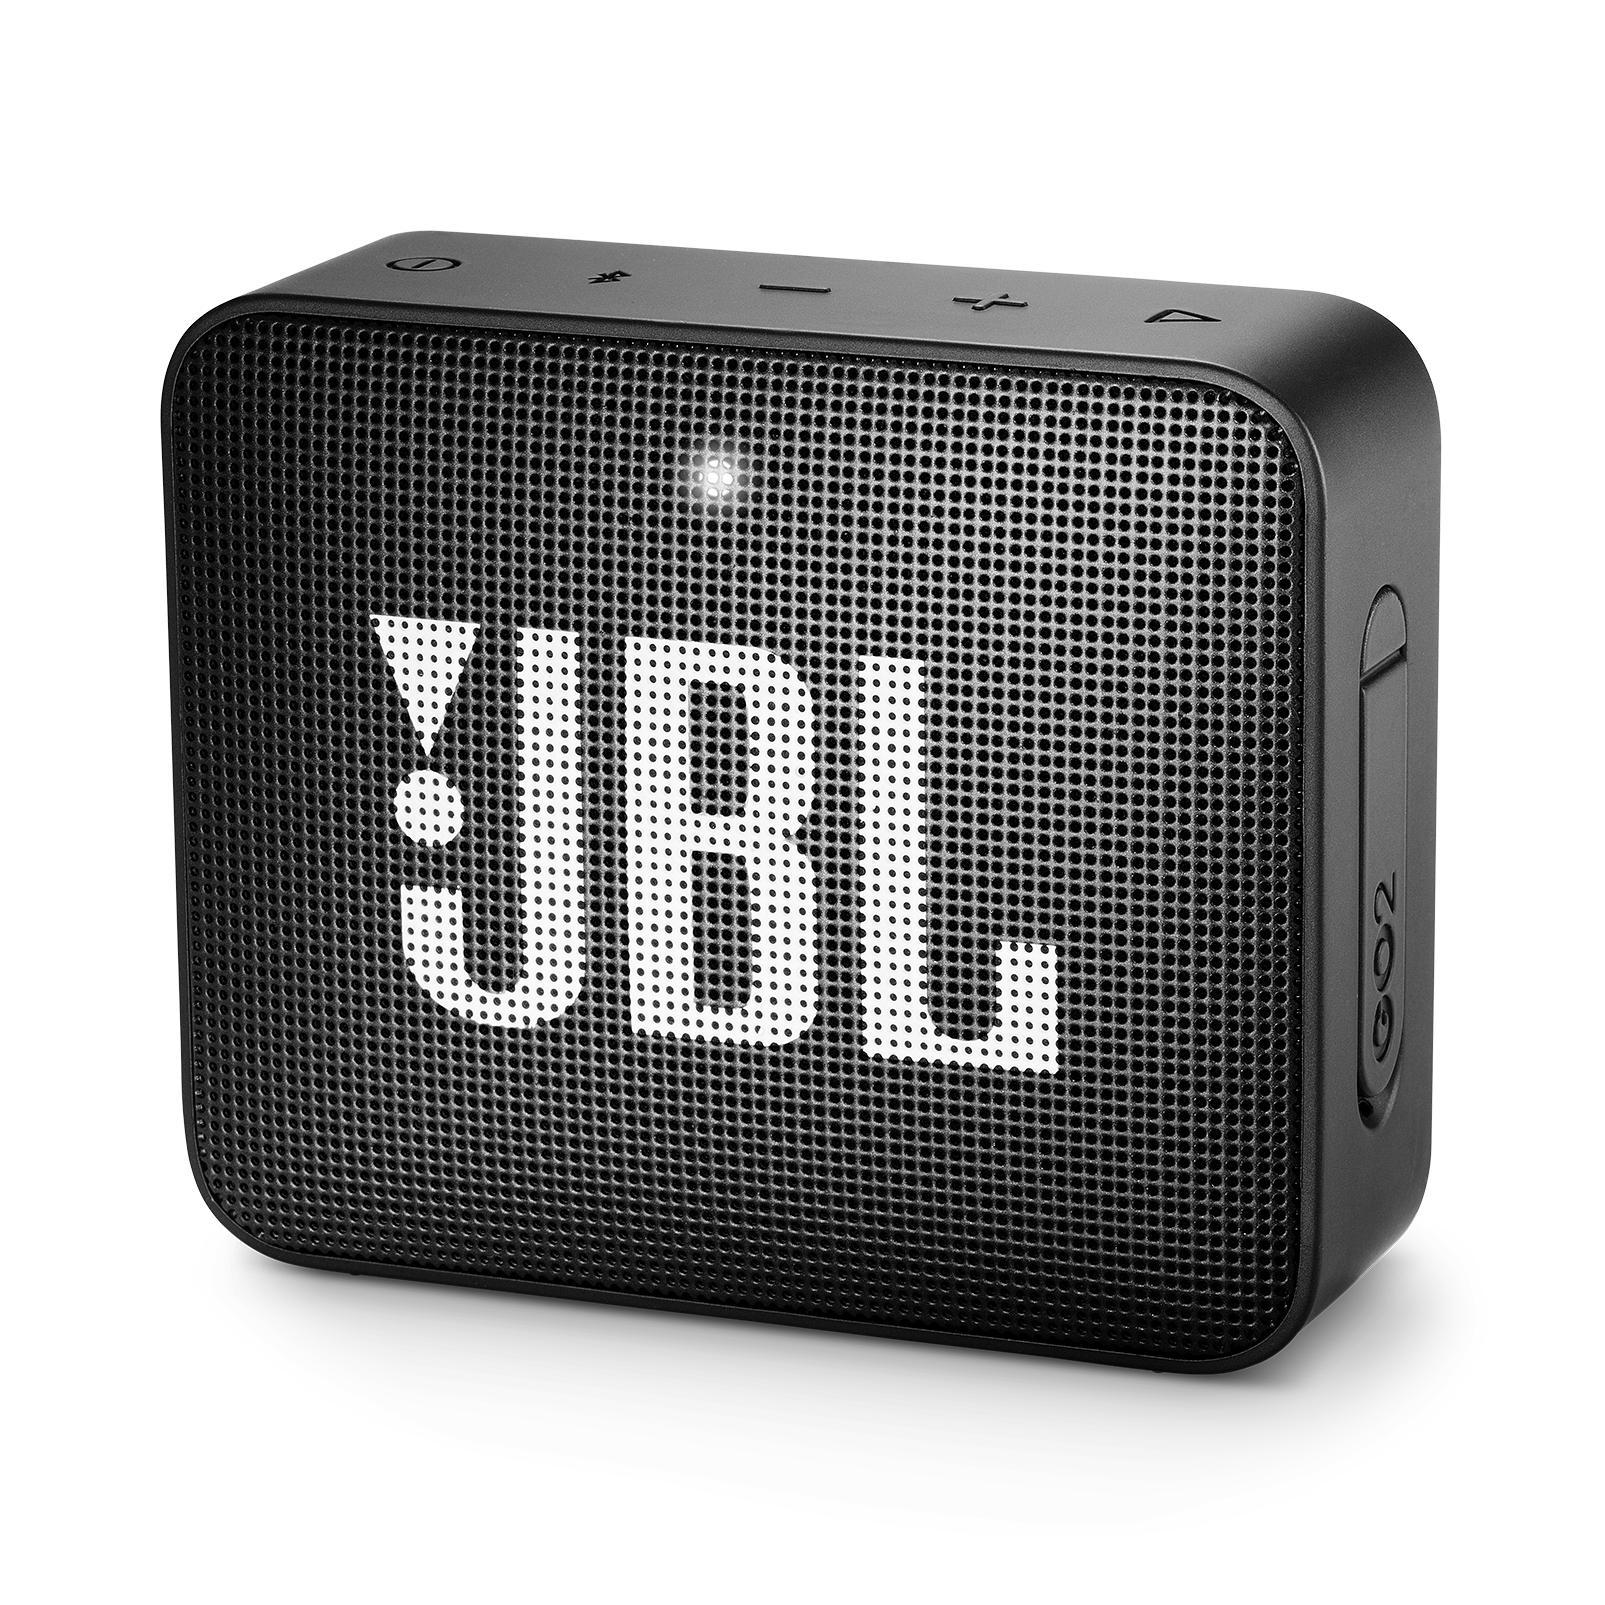 JBL Go 2 Waterproof Portable Bluetooth Speaker with Speaker Phone Function